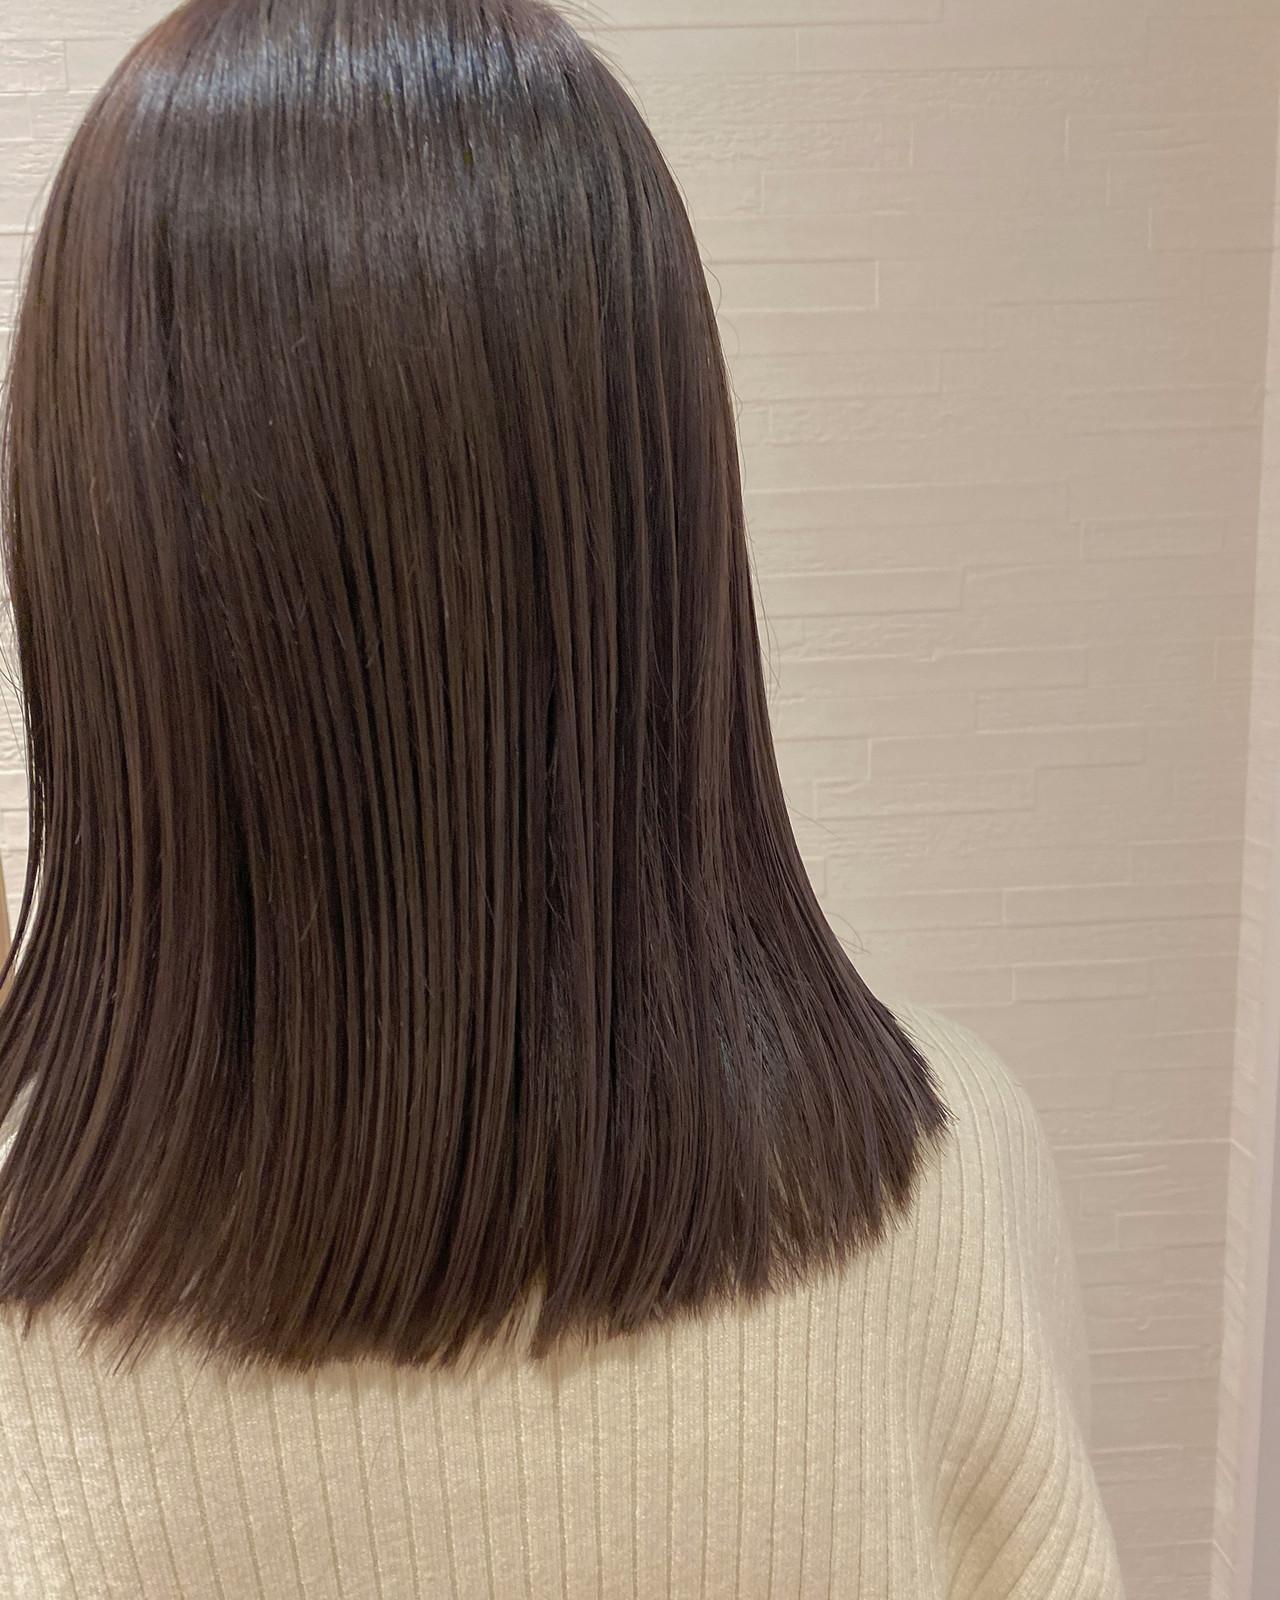 ナチュラル可愛い ピンクベージュ ラベンダーピンク ナチュラル ヘアスタイルや髪型の写真・画像